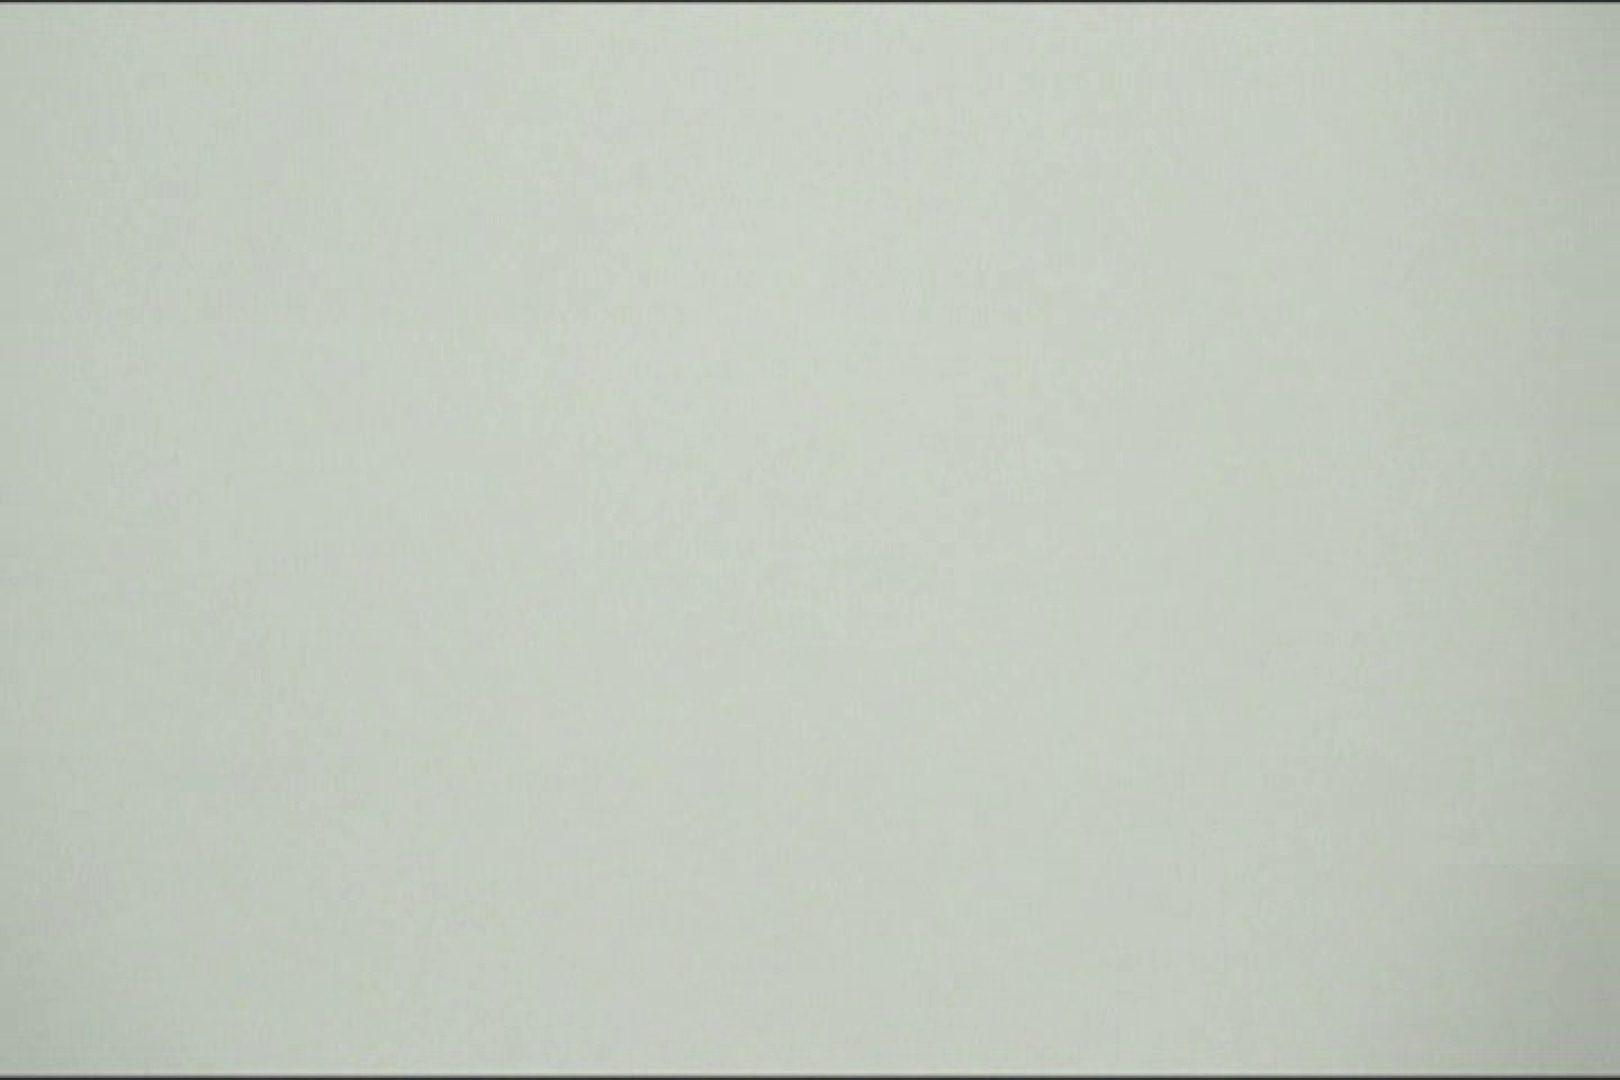 マンコ丸見え女子洗面所Vol.12 盗撮 | 潜入プロ映像  19pic 11